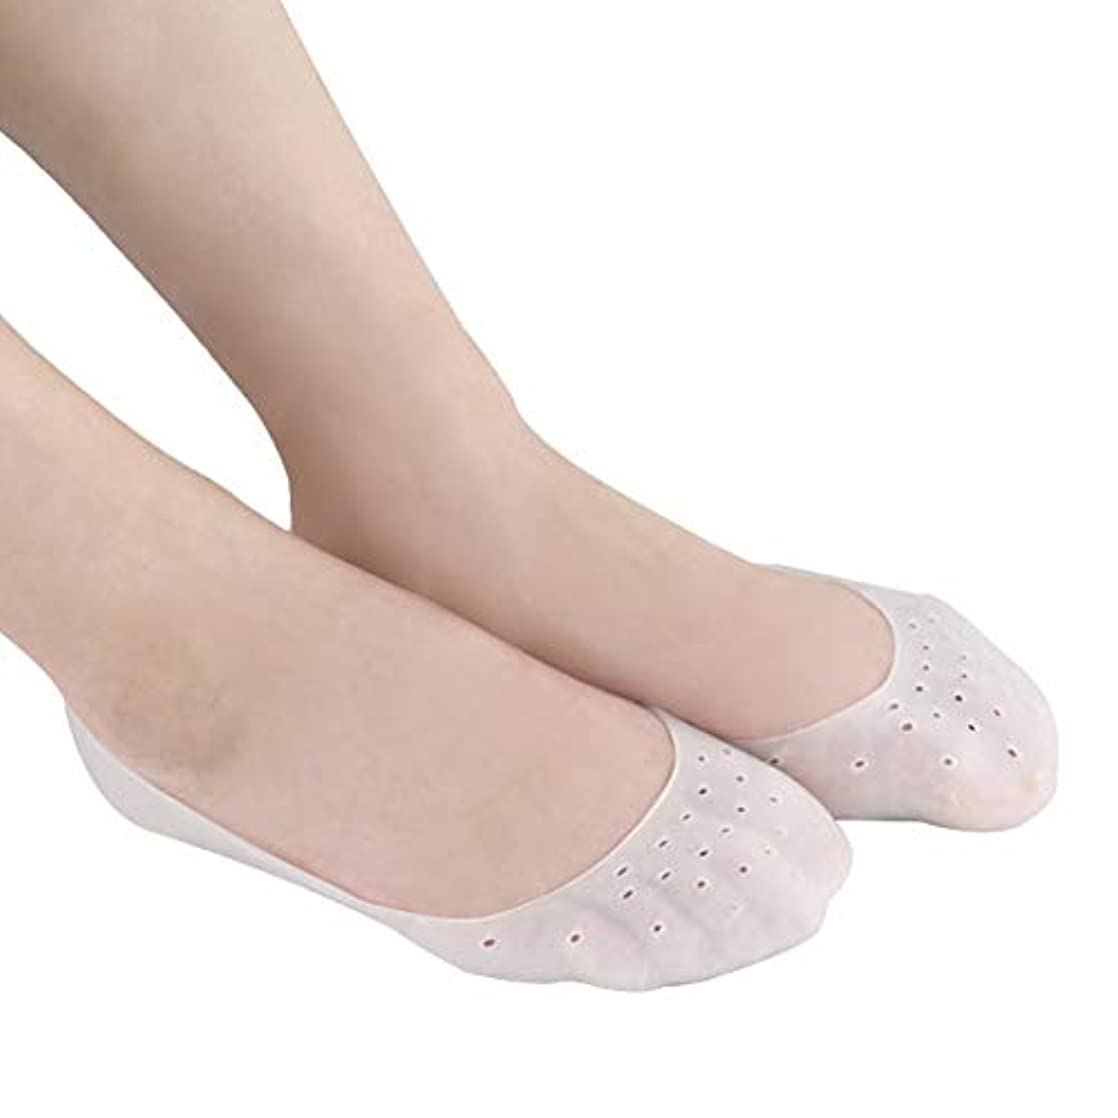 パパ一般的に言えばあいまいなTerGOOSE シリコンソックス ゲル 潤い 保湿 ジェル靴下 角質ケアパック かかと 指先ケア ひび割れ 痛みの緩和 滑り止め 伸びる 通気穴付き ソックス 足裂対策 あかぎれ対処 抗菌 乾燥 予防 衝撃吸収 皮膚保護...